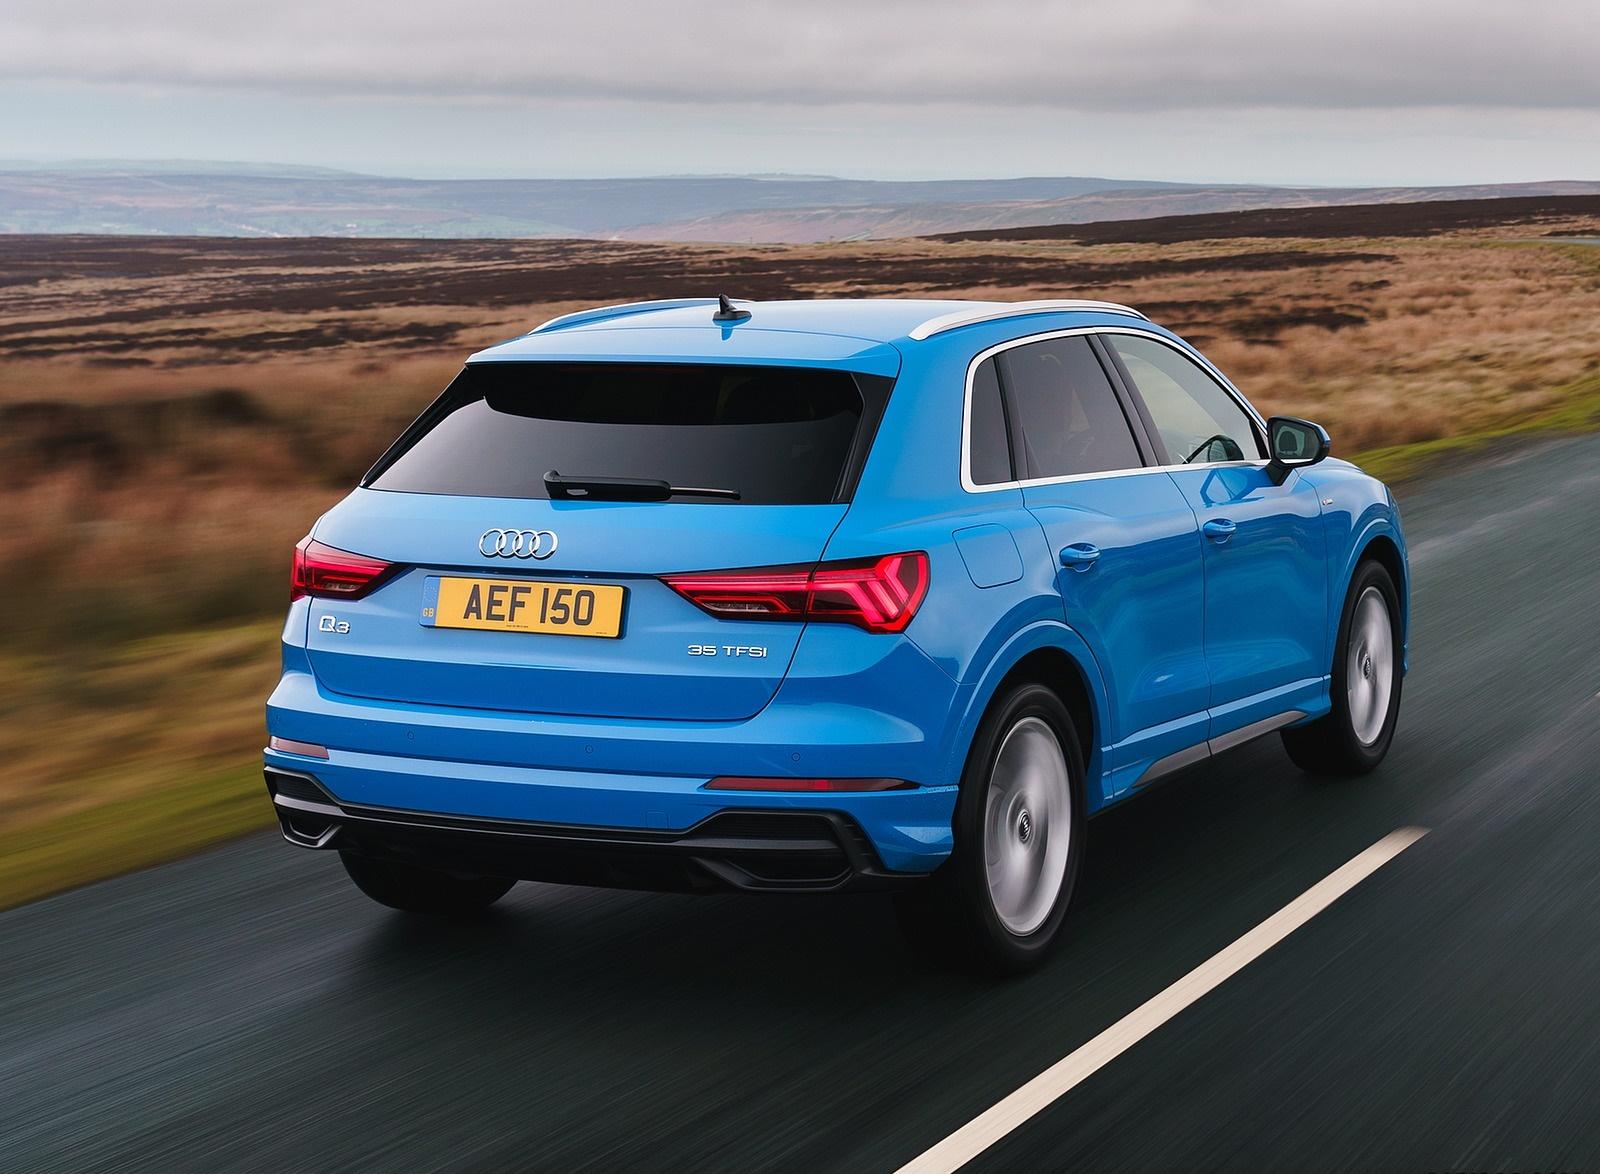 2019 Audi Q3 35 TFSI (UK-Spec) Rear Three-Quarter Wallpaper (6)